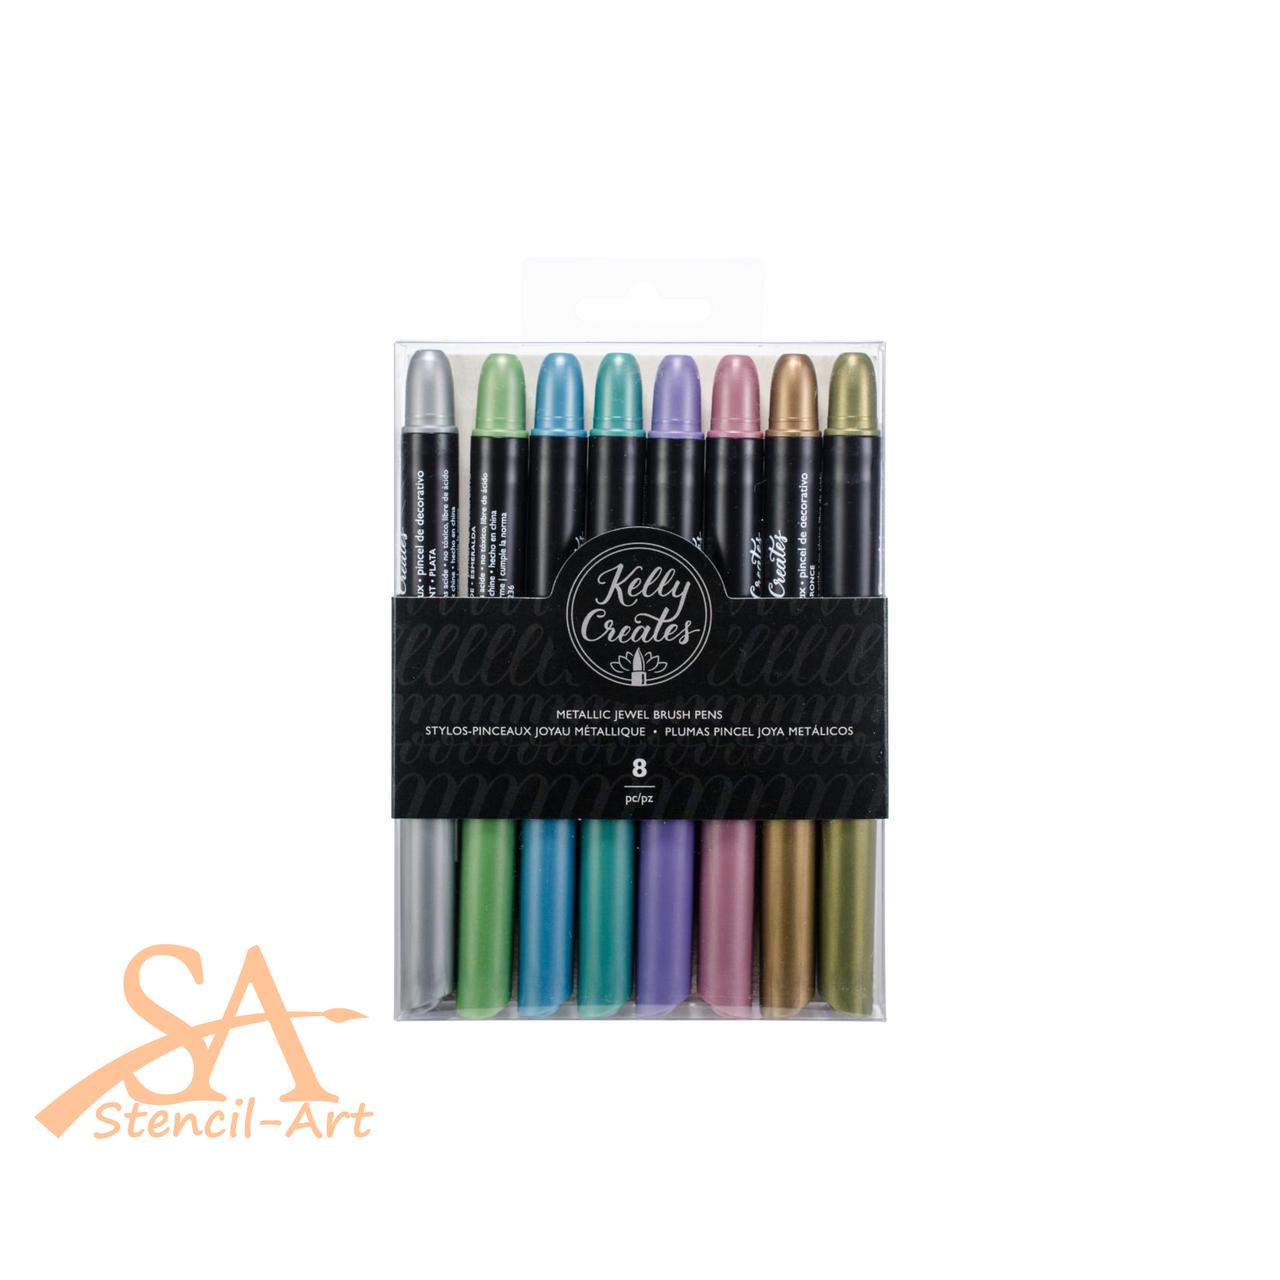 Kelly Creates 343557 Pens Multicolor